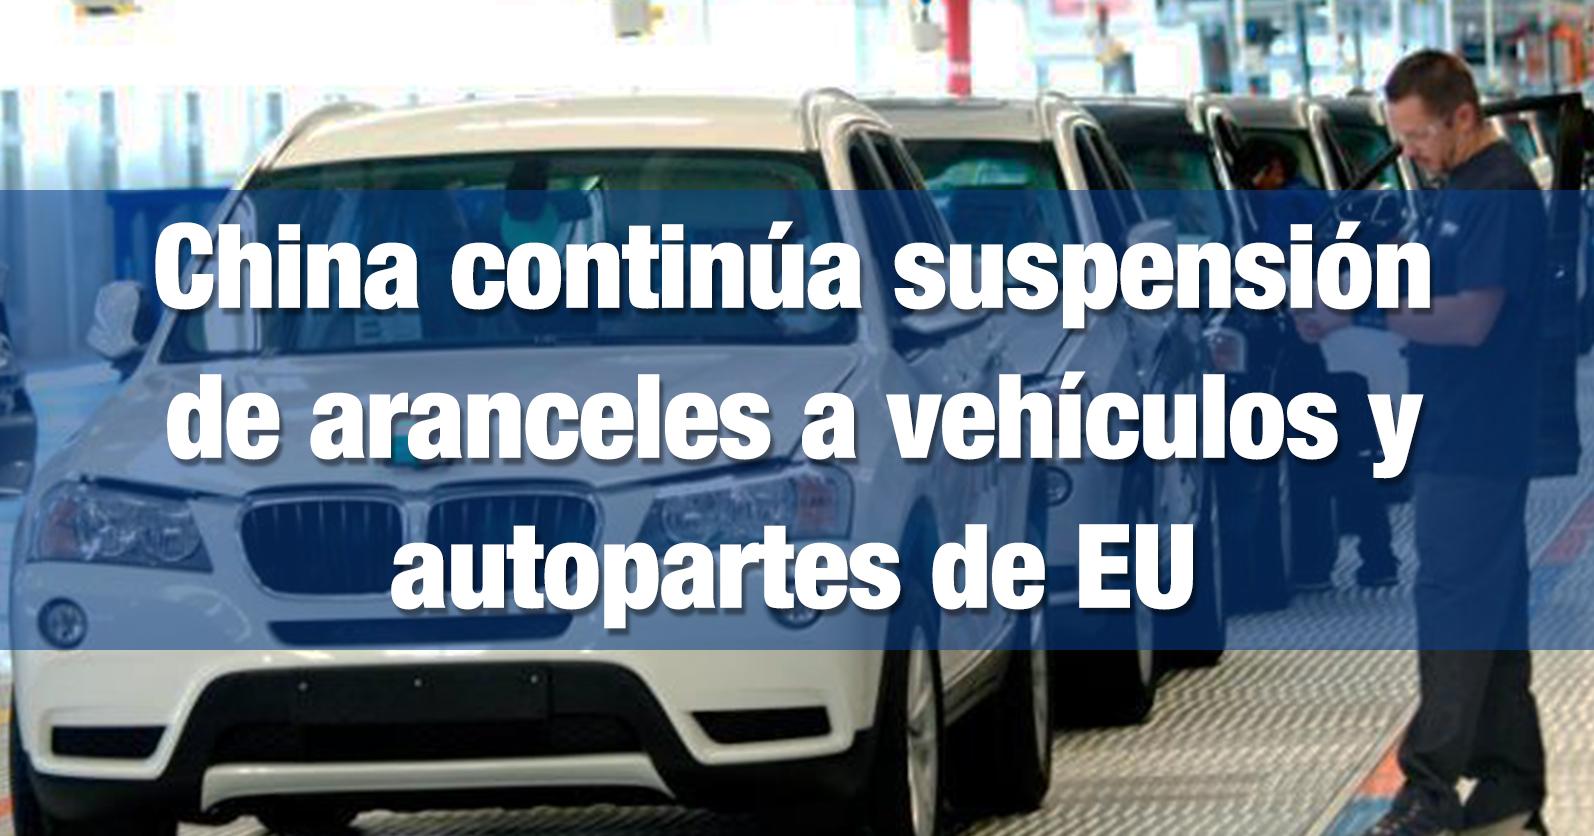 China continua suspensión de aranceles a vehículos y autopartes de EU